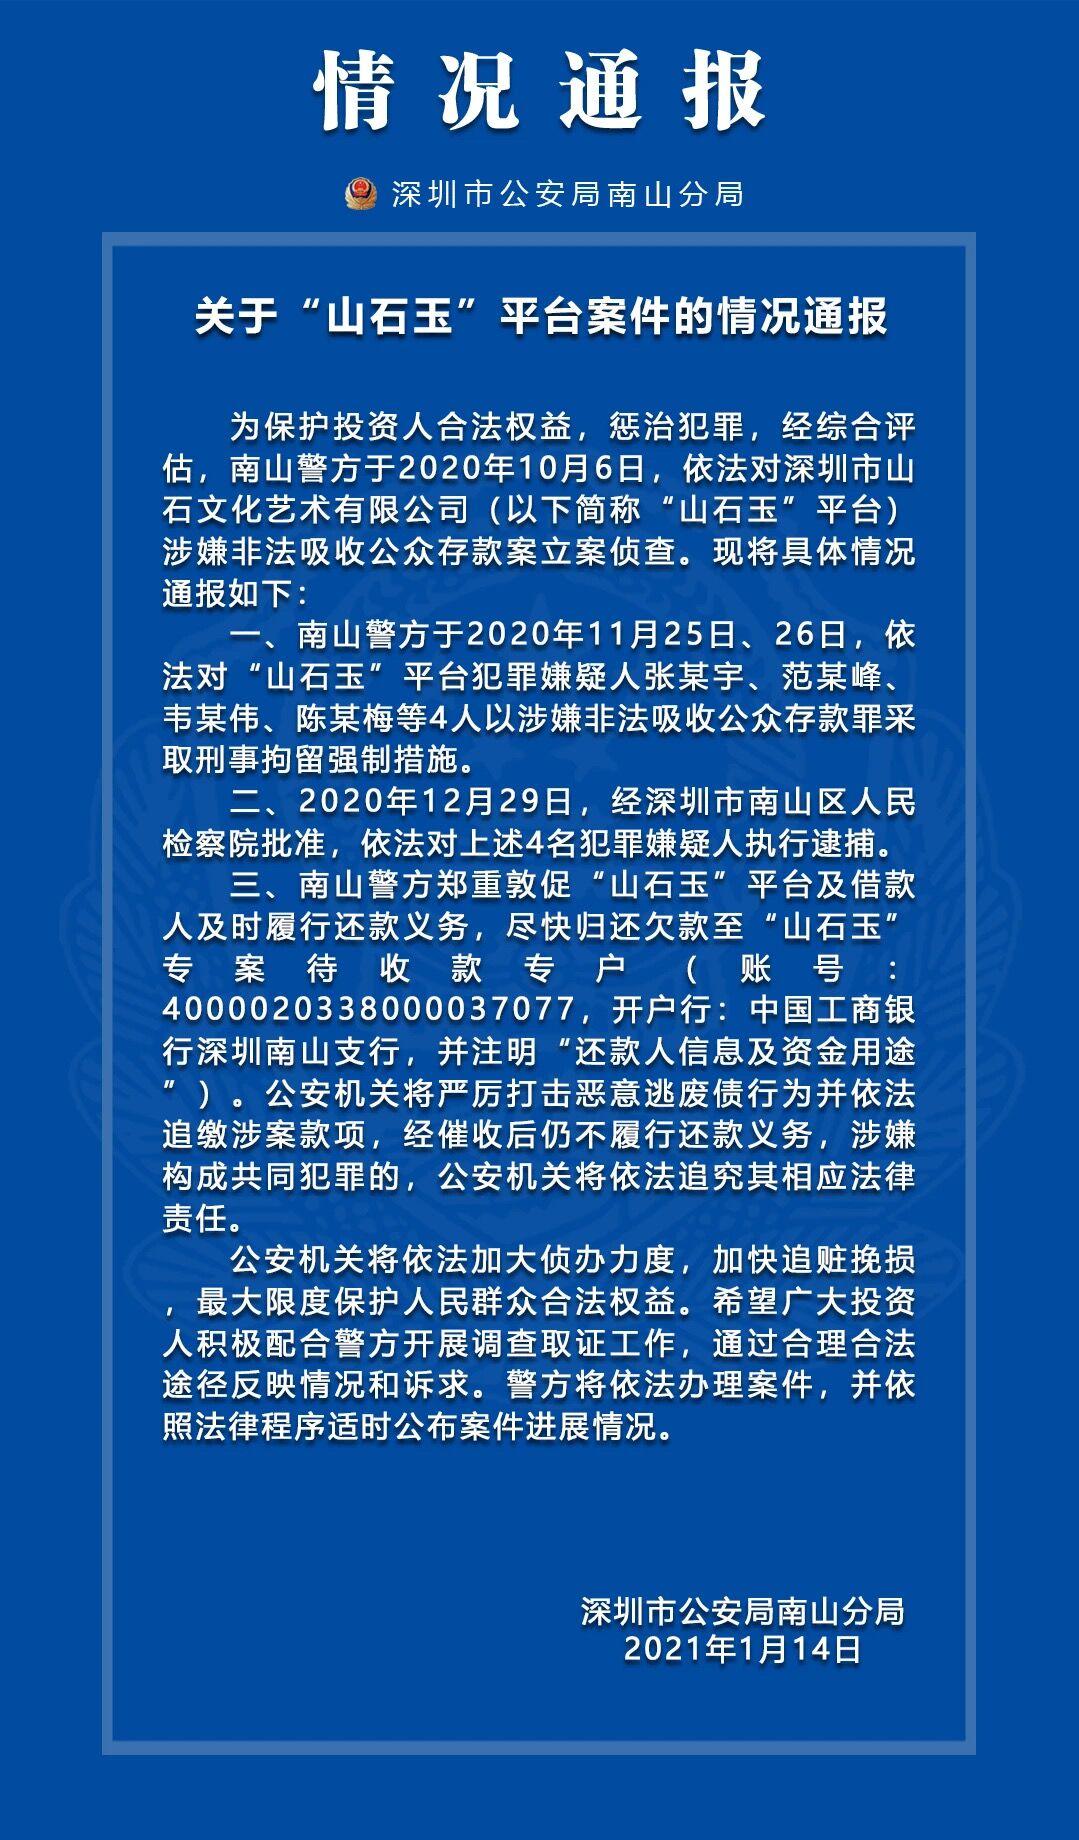 深圳立案平台山石玉进展:4人已被逮捕 警方严打恶意逃废债